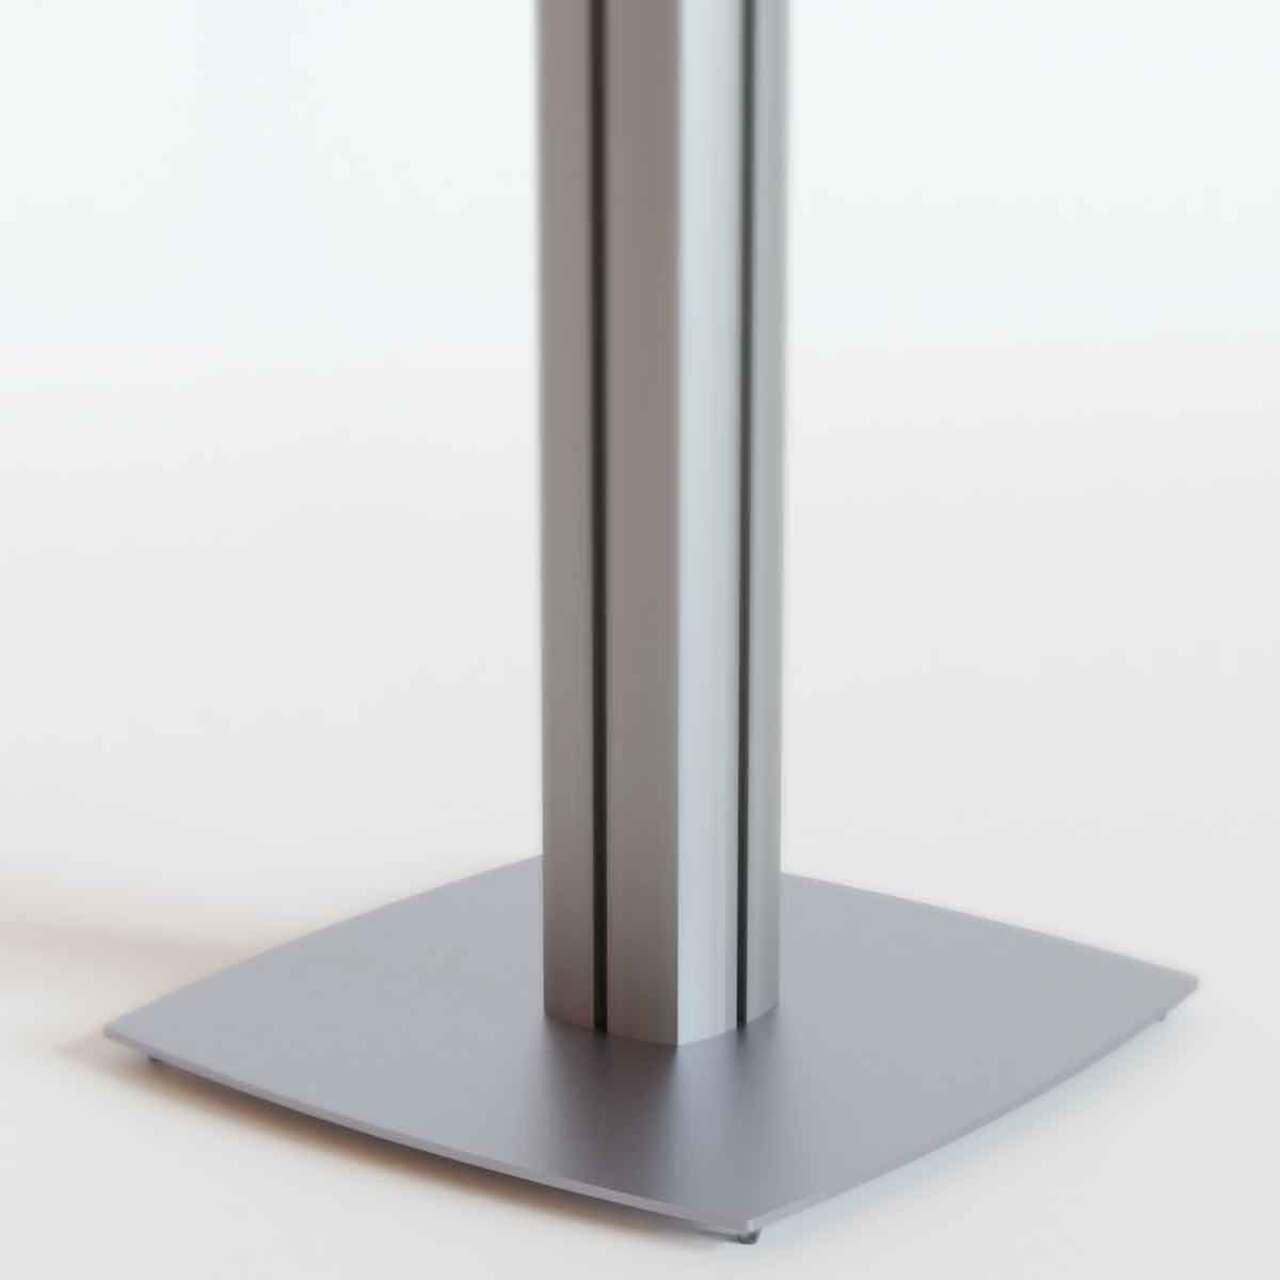 Urnă plexiglas transparent. cu picior, JJ DISPLAYS, 300 mm